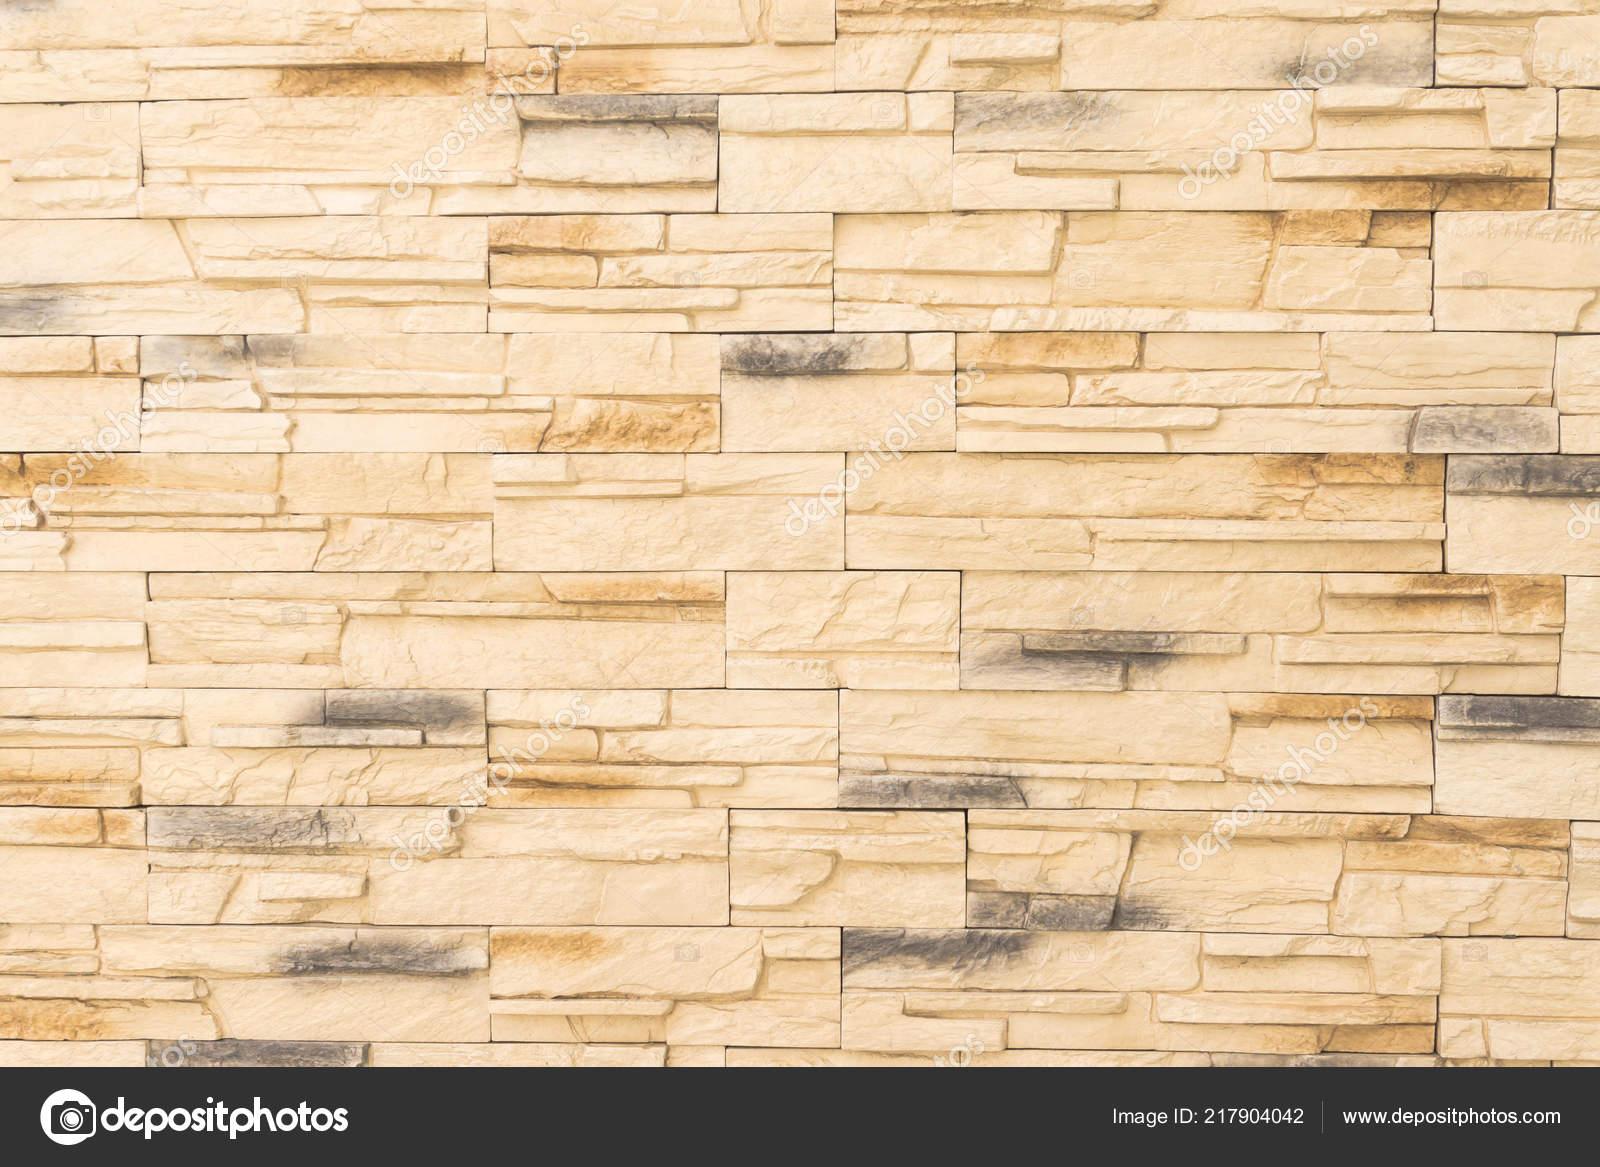 Vecchi marrone modello della parete mattoni muro mattoni texture